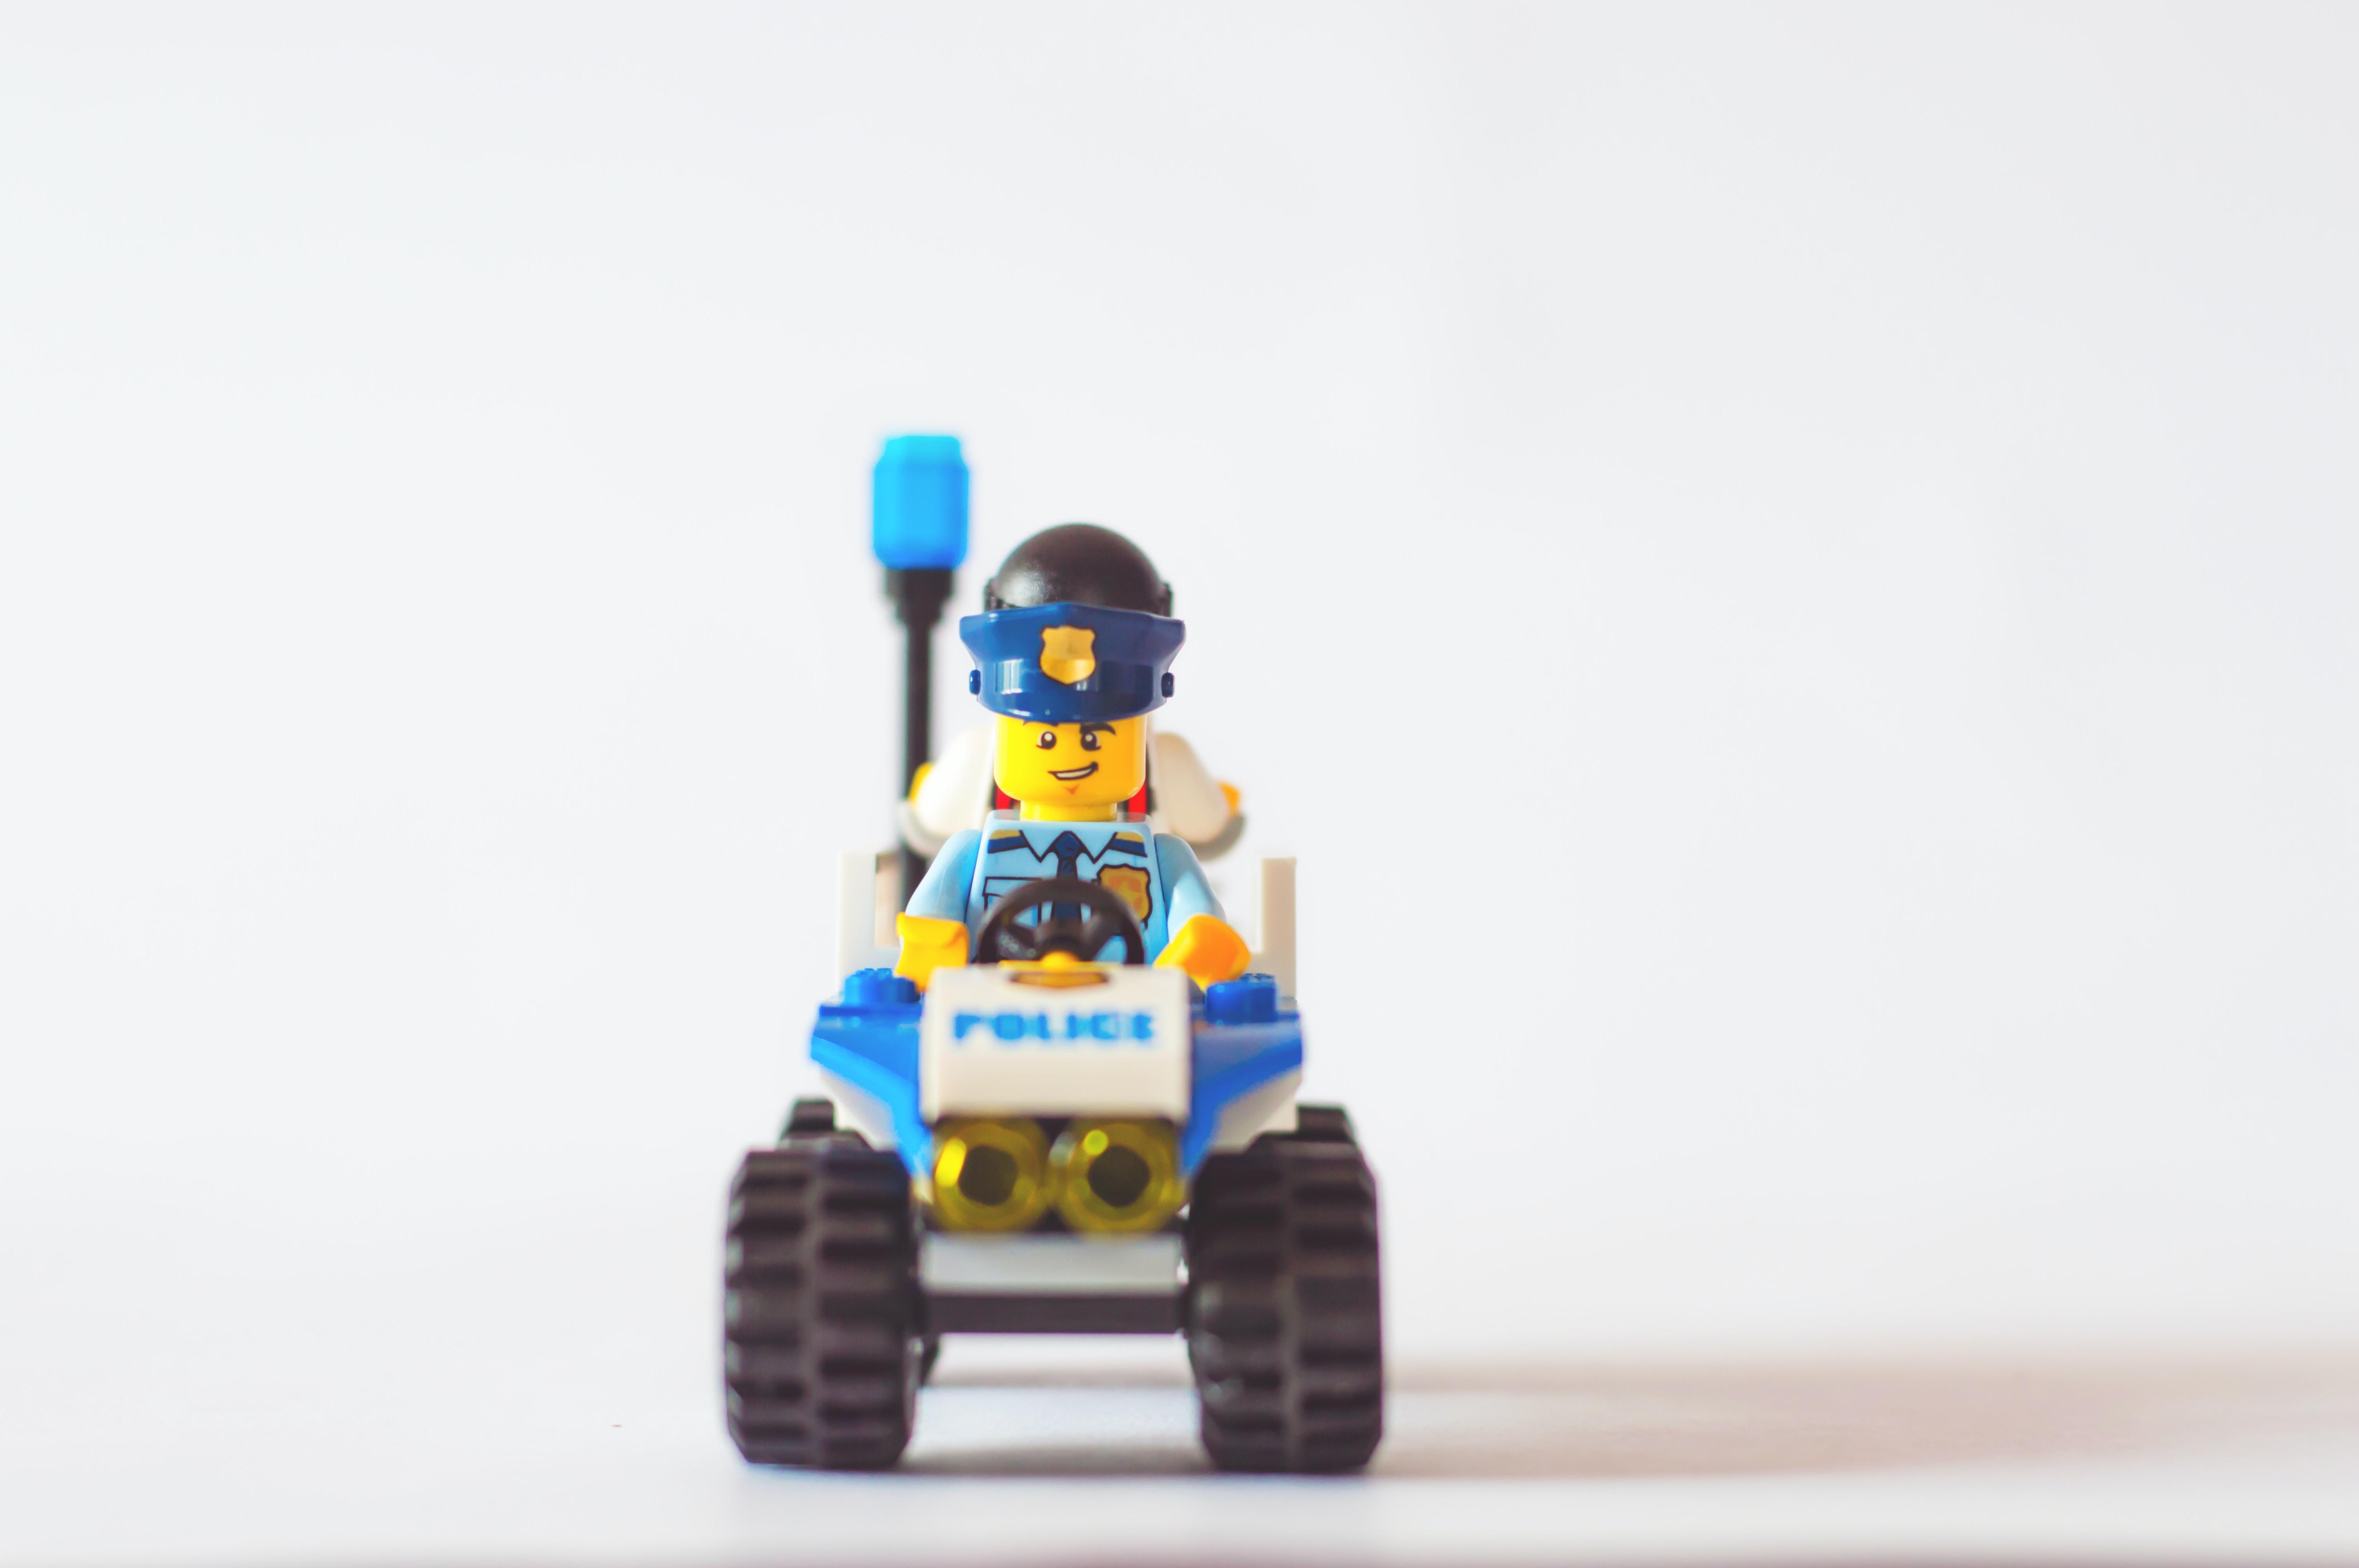 police minifigure